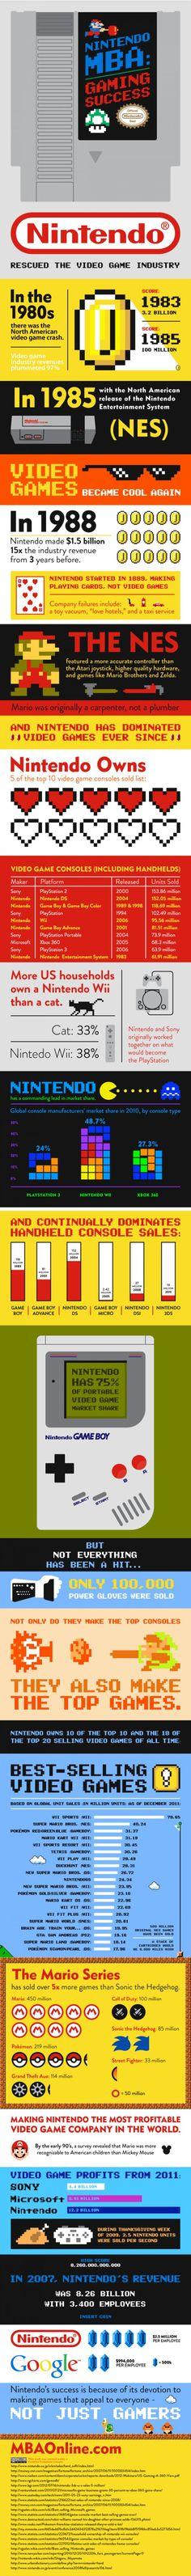 La mejor infografia que he visto. vale la pena leerla .. hagan la matemática ... Nintendo: Gaming Success